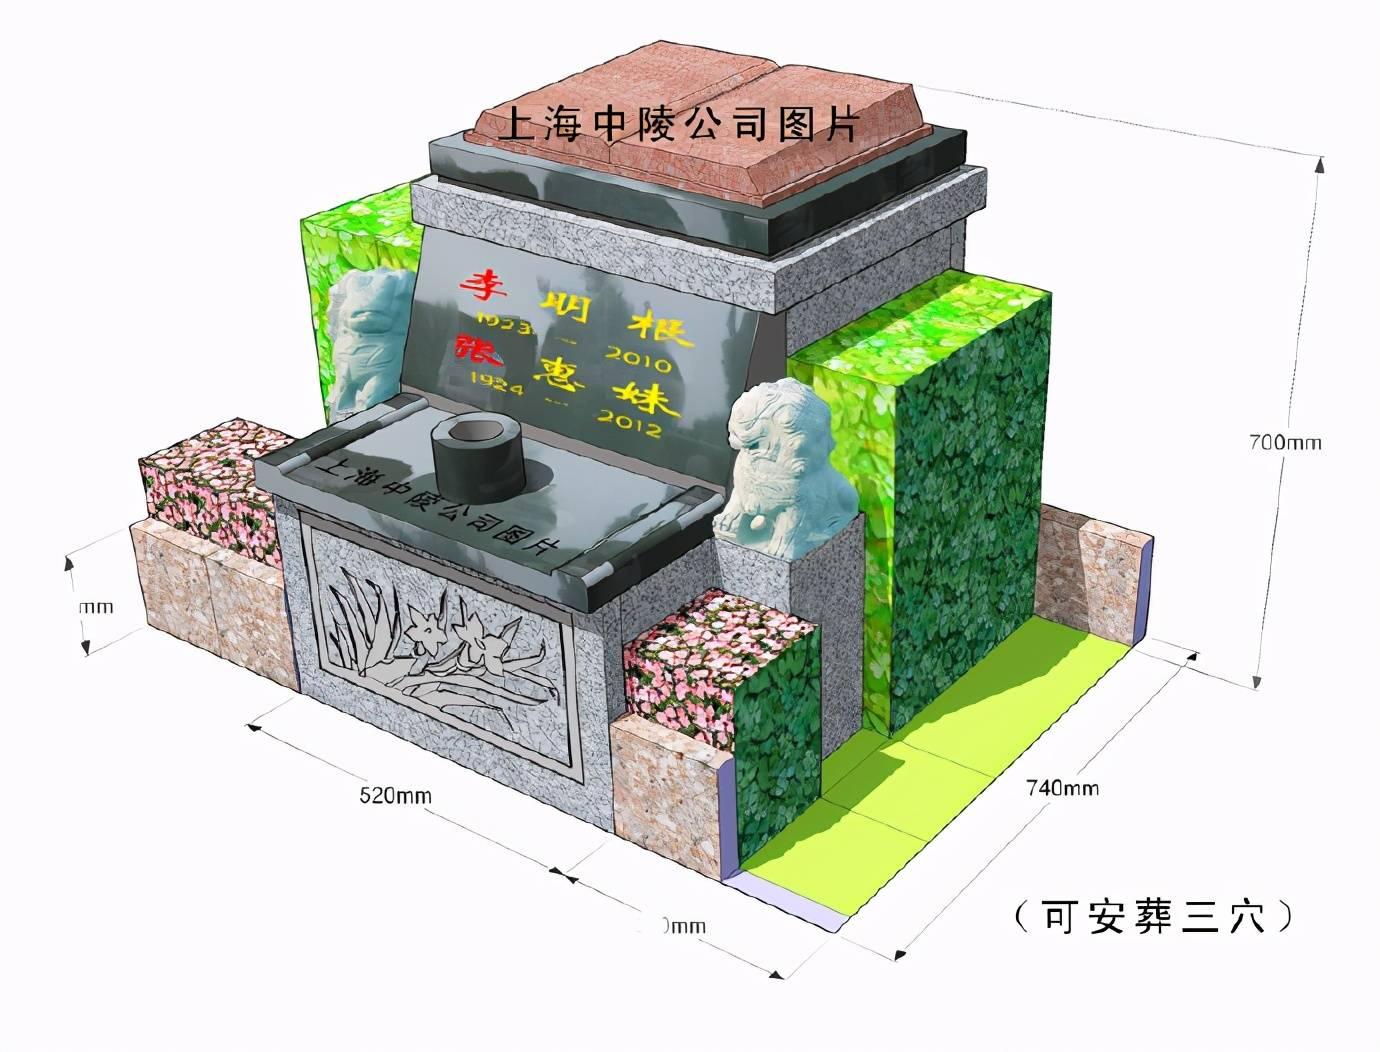 欧宝app登录: 慕柏网:墓碑设计分享(图4)